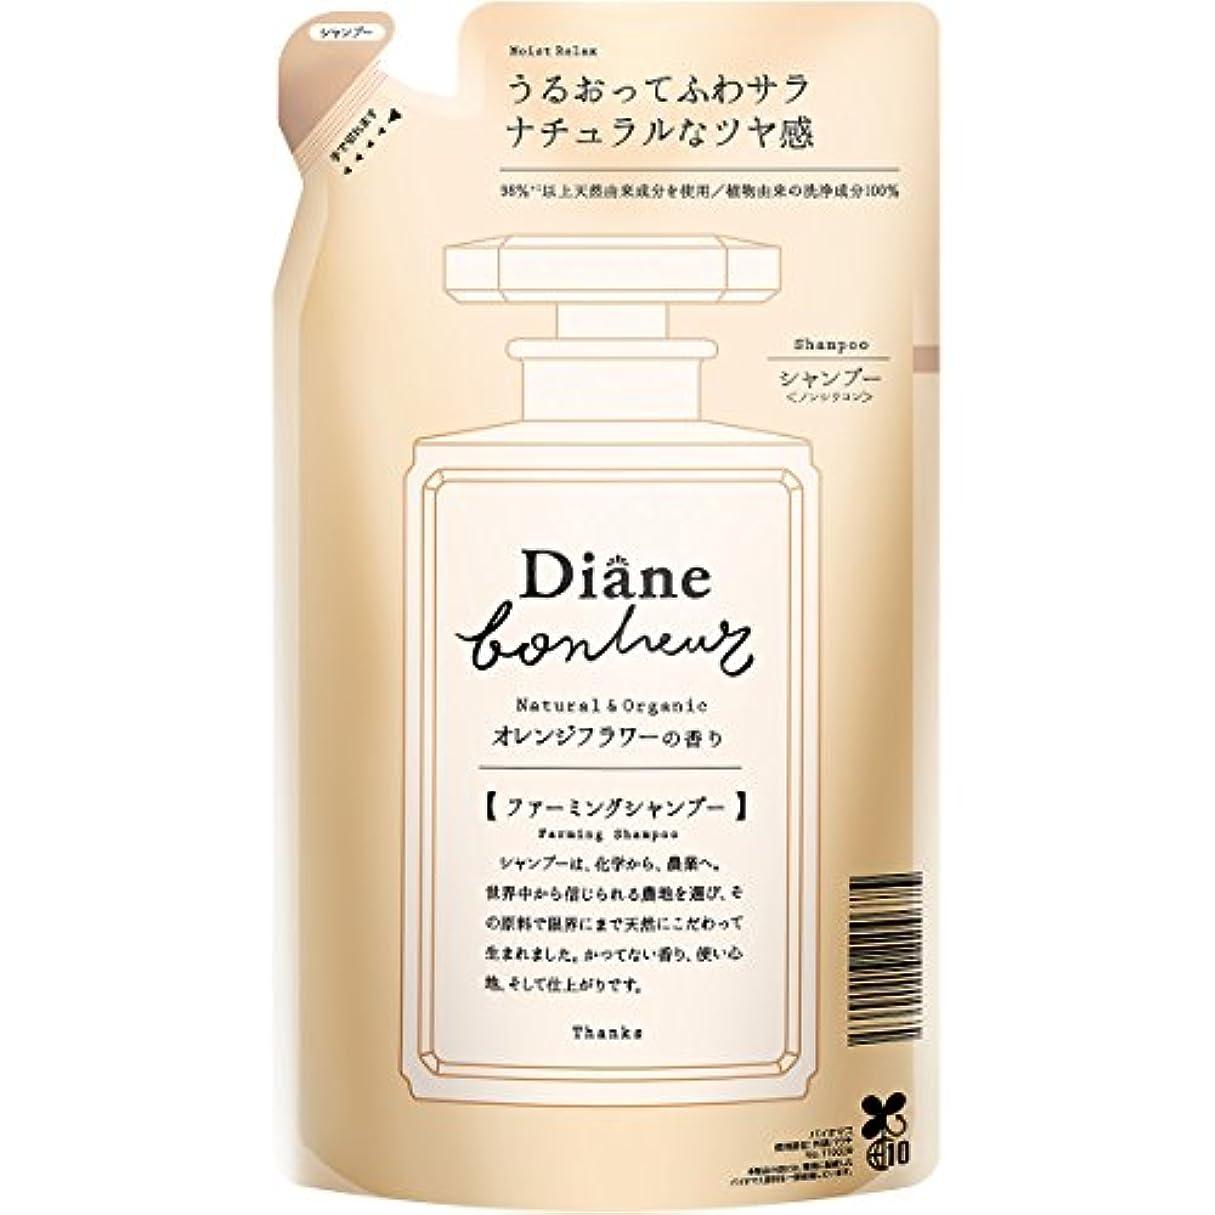 判読できない略語どきどきダイアン ボヌール オレンジフラワーの香り モイストリラックス シャンプー 詰め替え 400ml